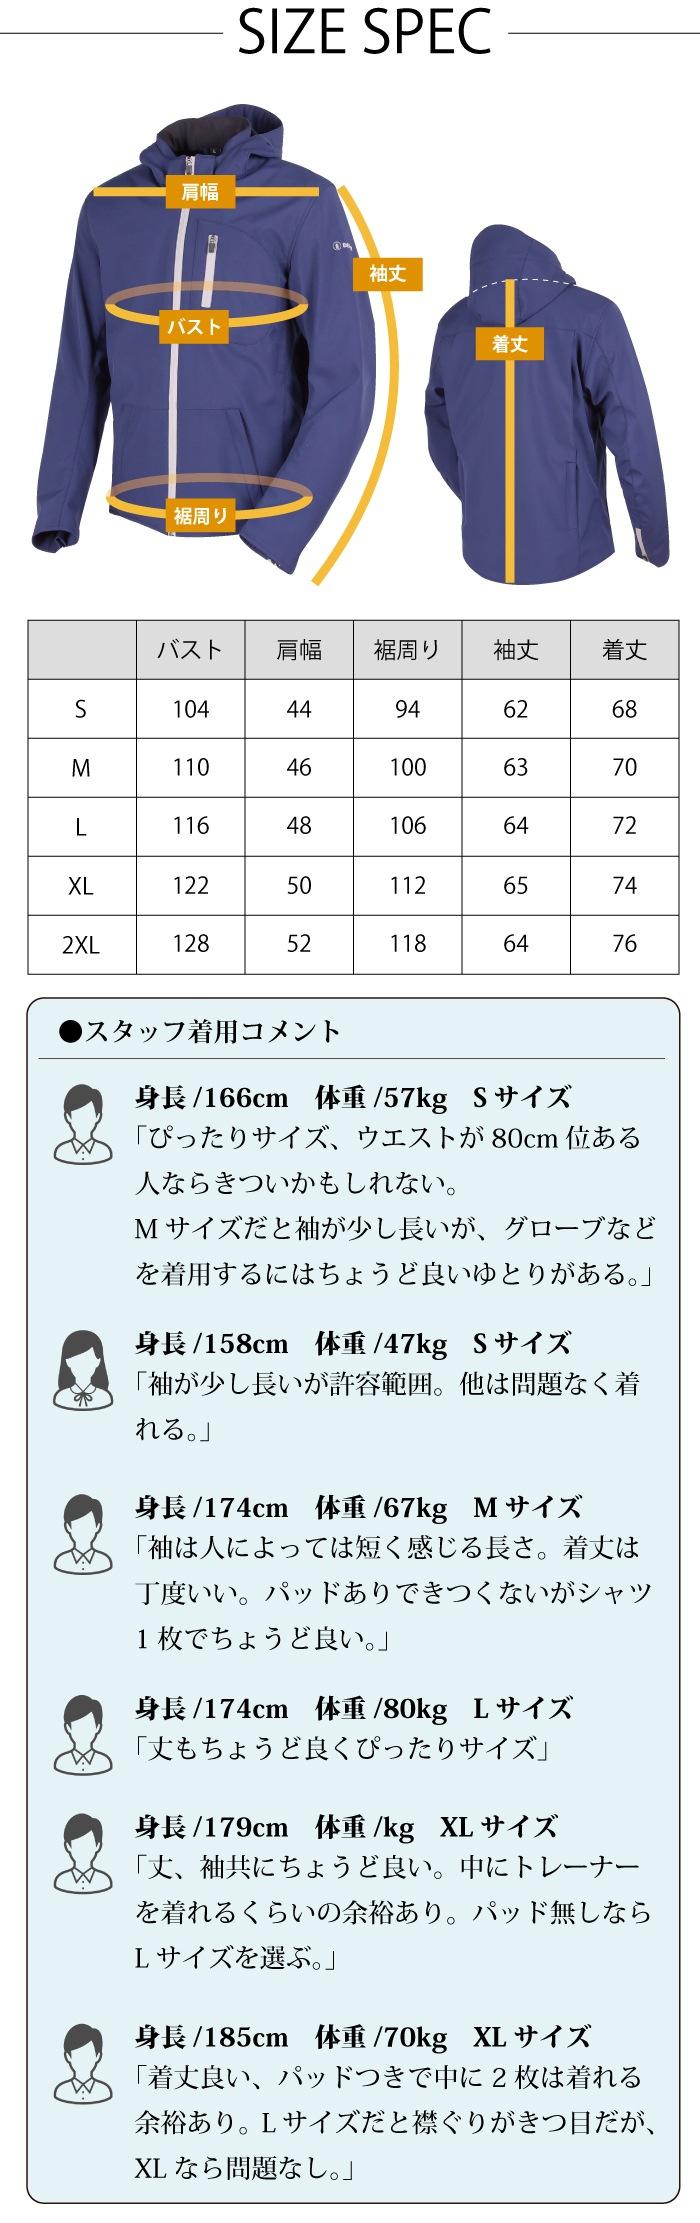 フード付ソフトシェルジャケット/HOODED SOFT SHELL JACKET [18SJ-4]